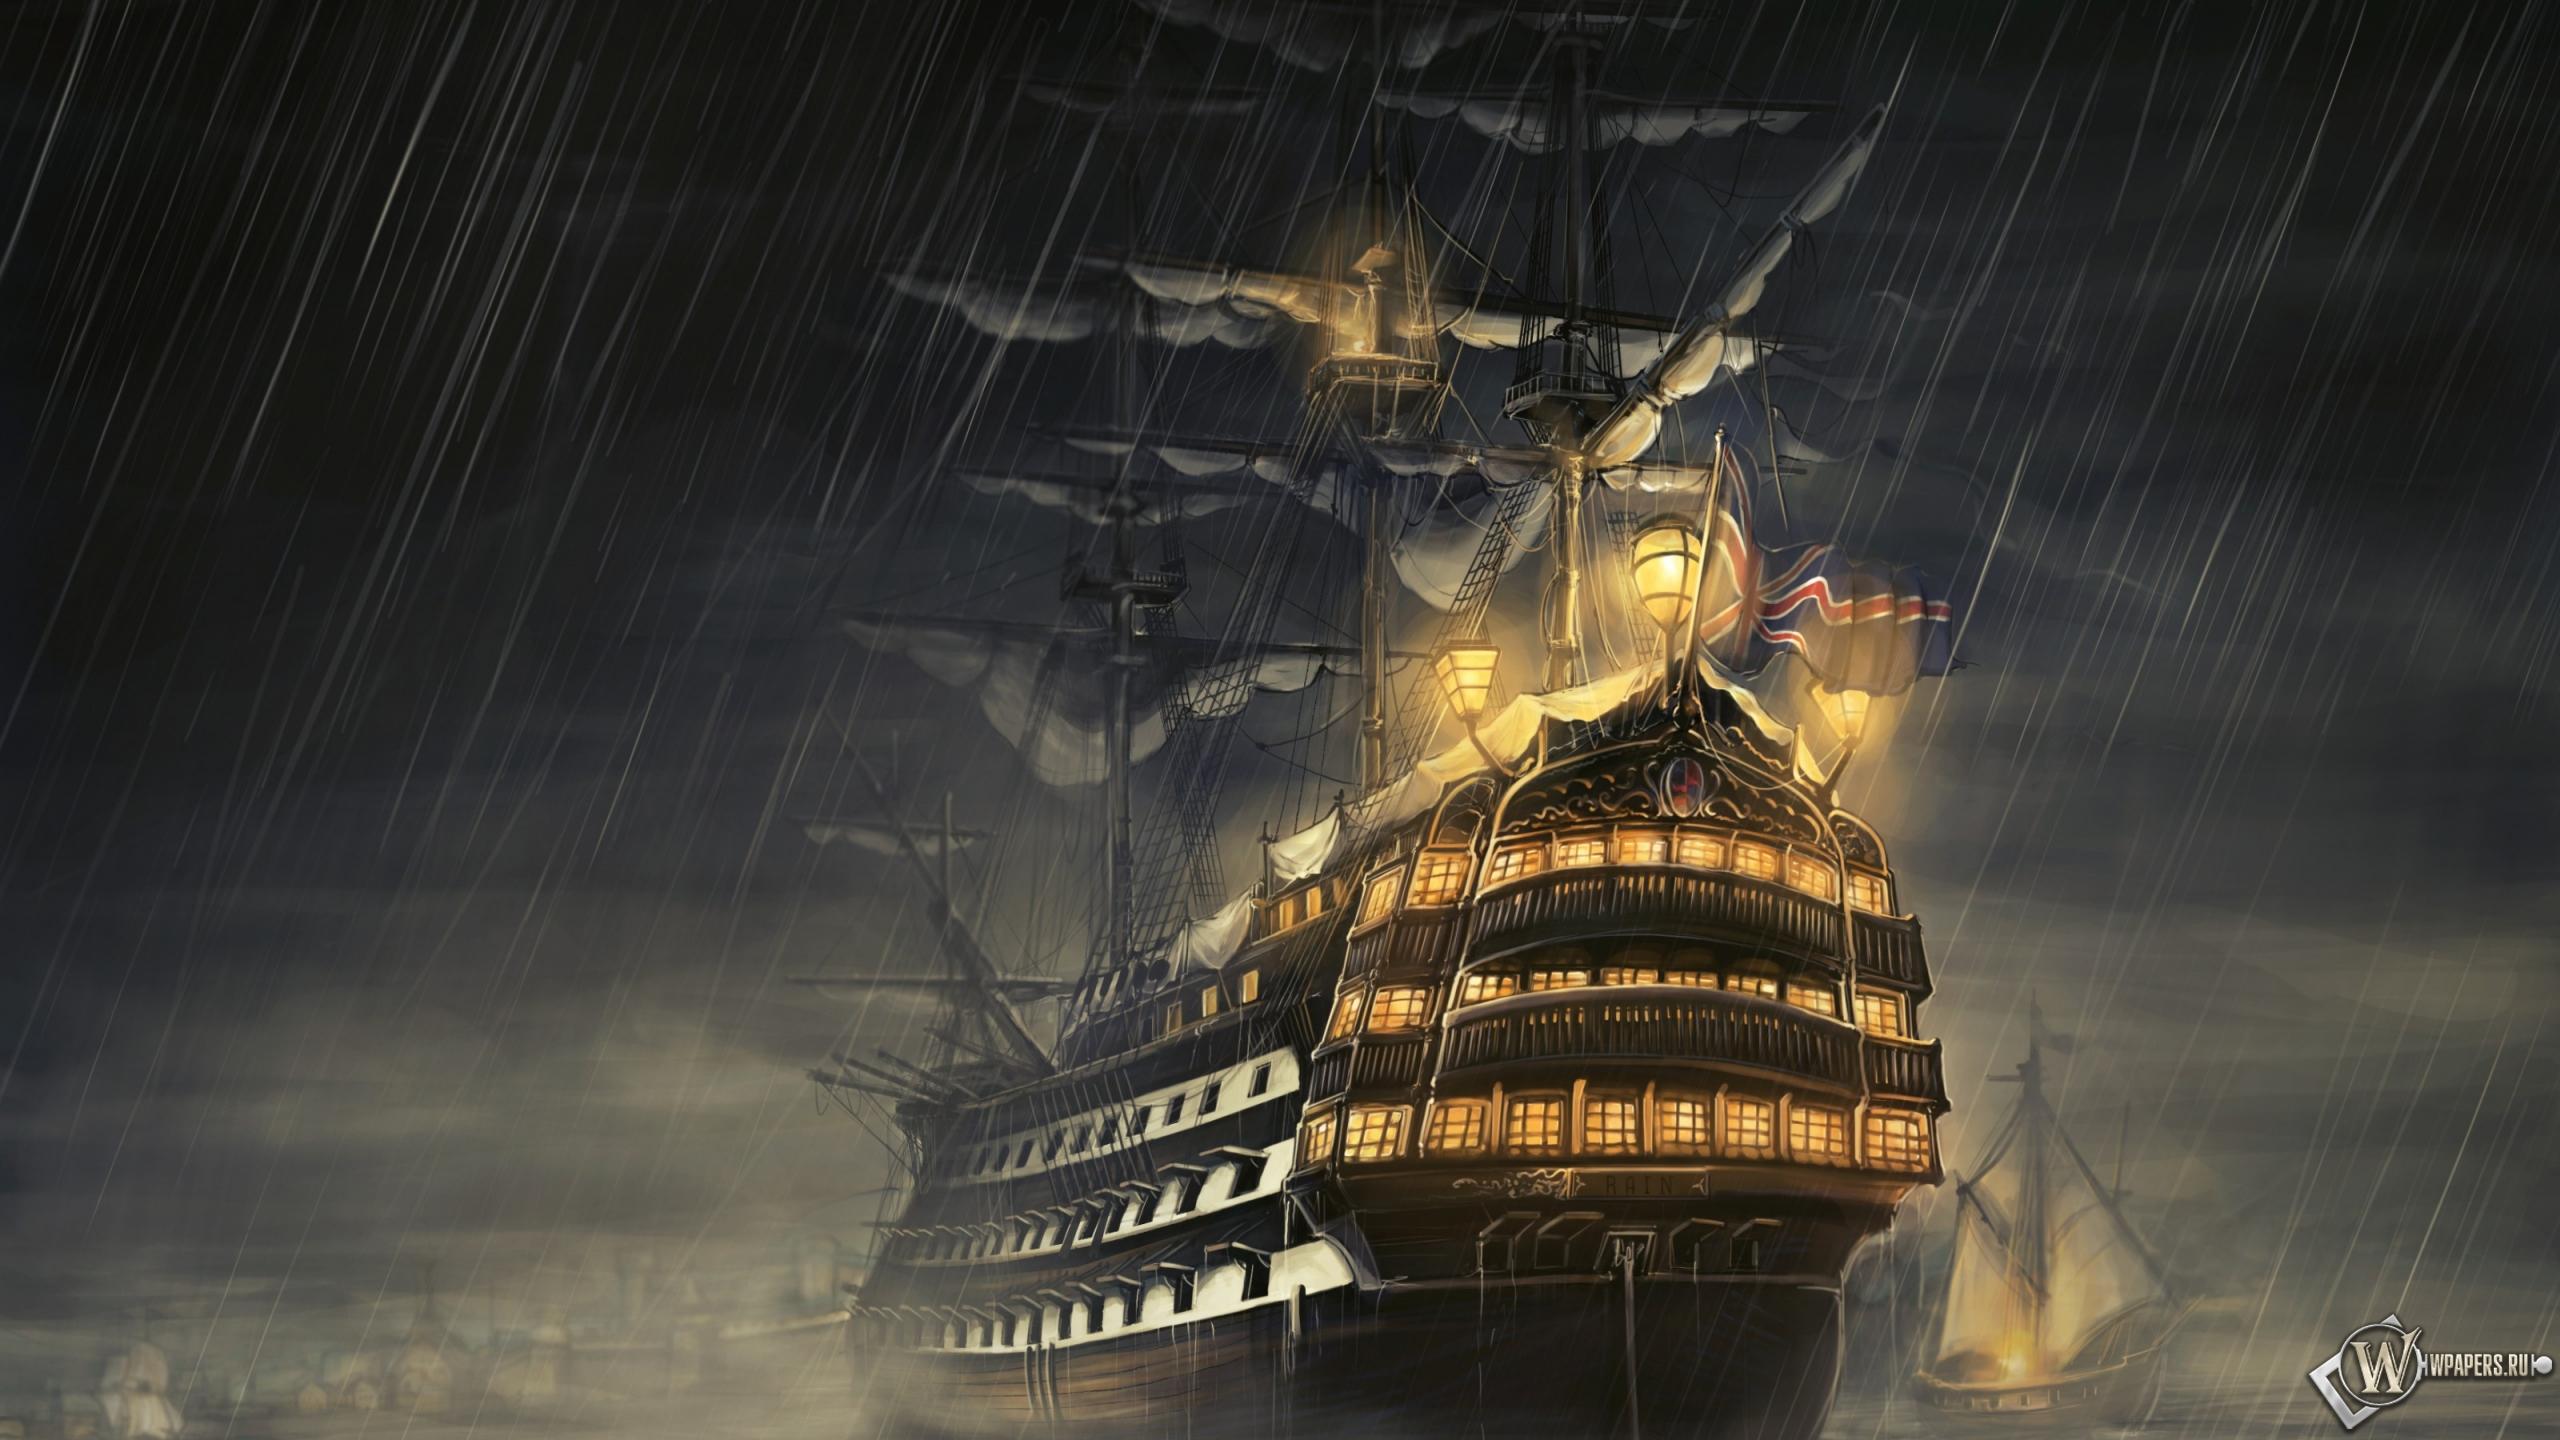 Парусник под дождем море ночь дождь